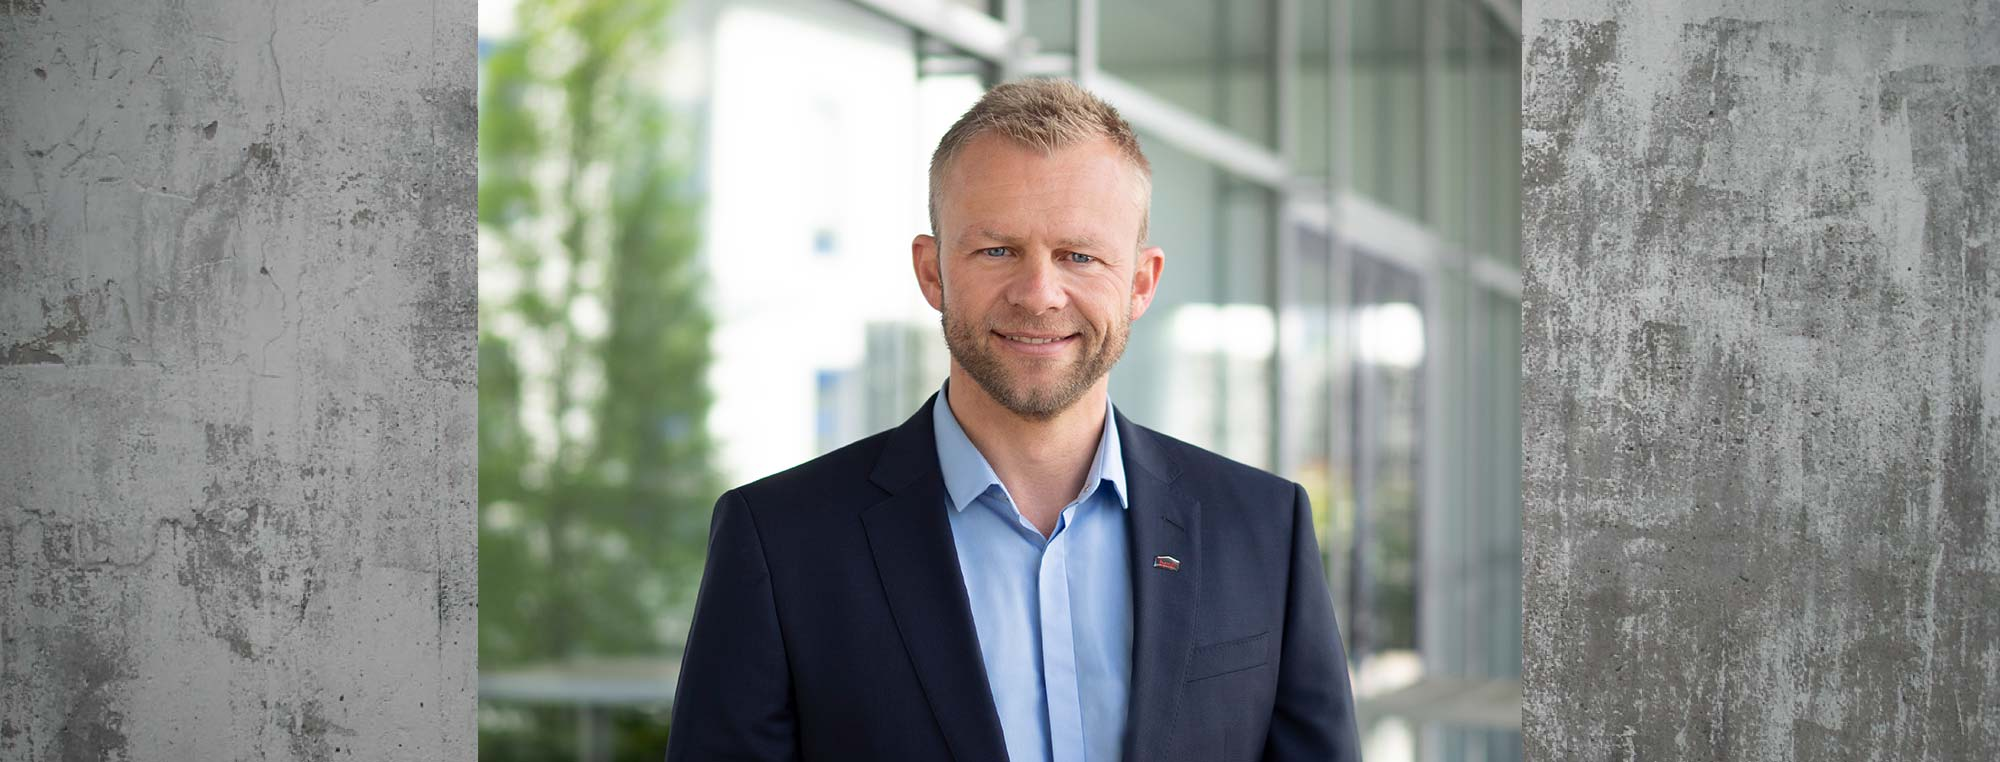 Stefan Weißenhorner wurde zum kaufmännischen Geschäftsführer beim Bauunternehmen bendl ernannt.